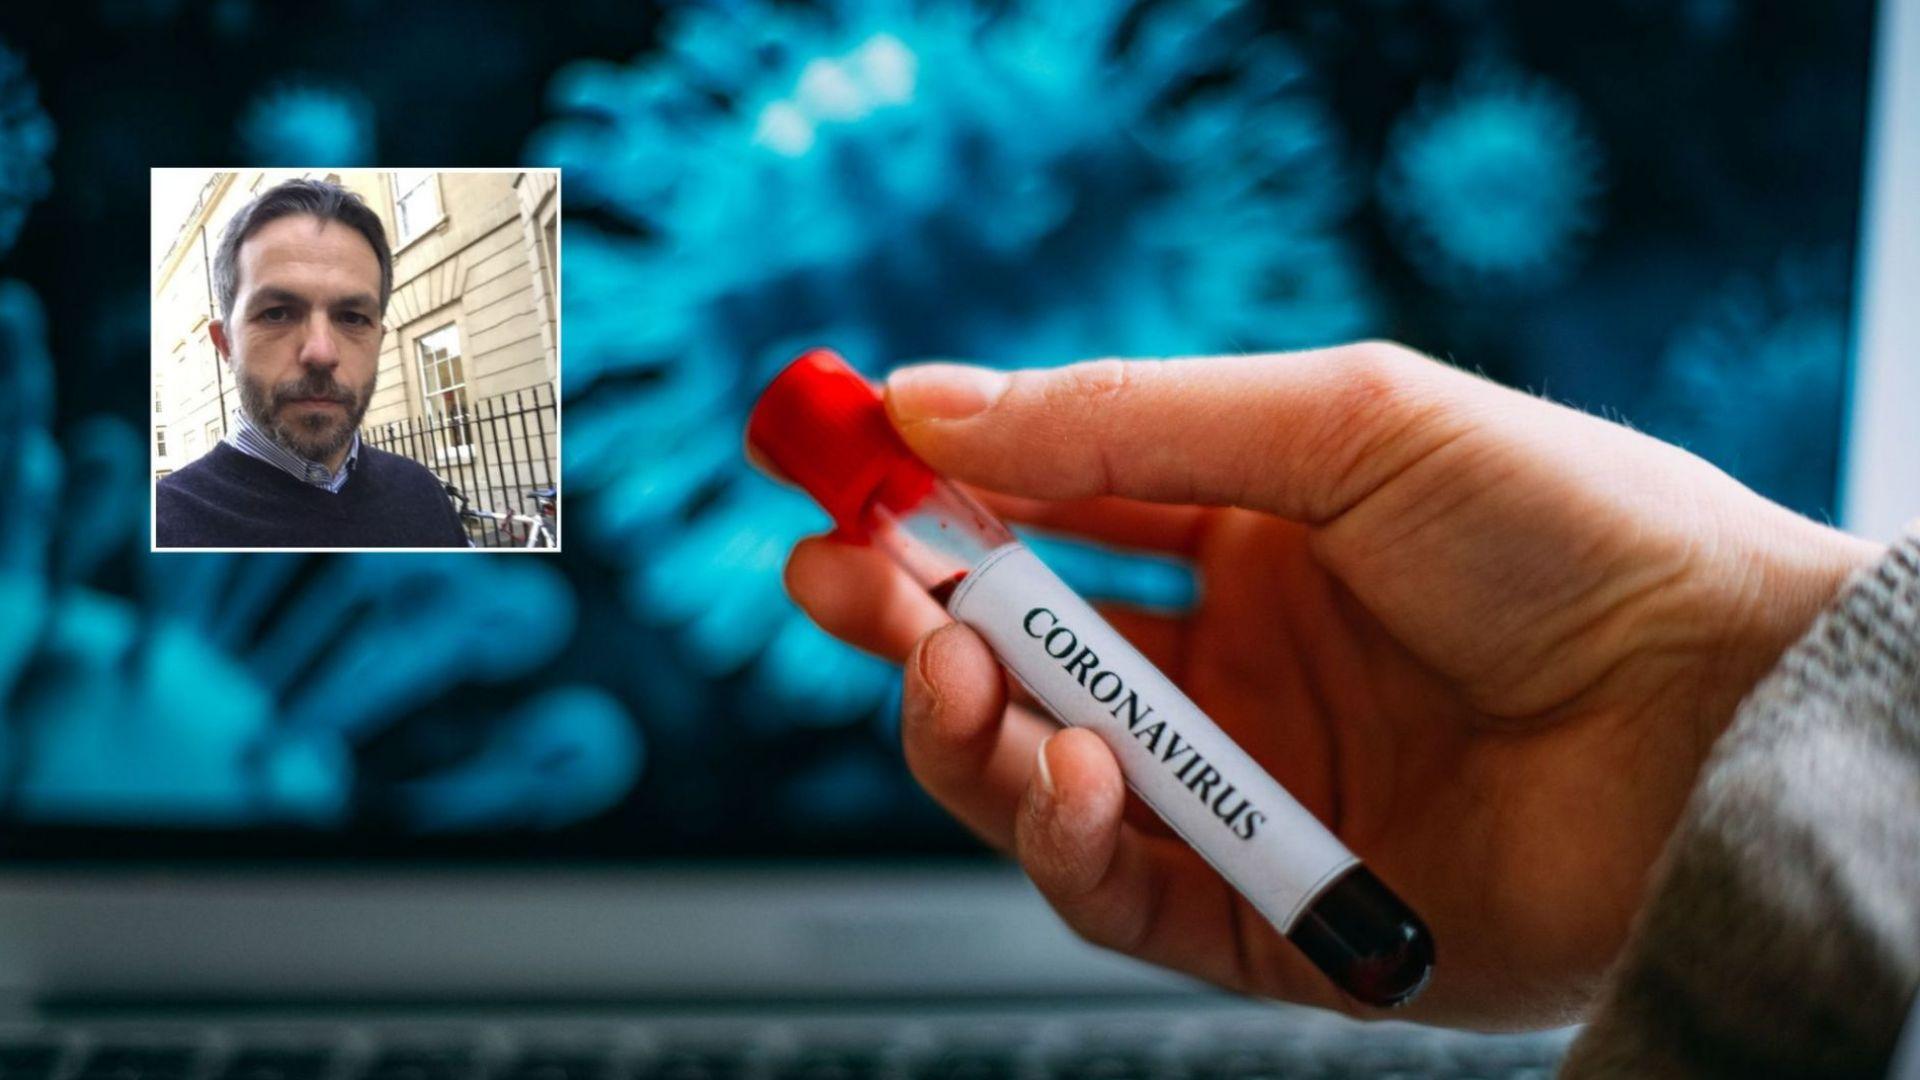 """Епидемиолог: Рискът от тромбоза след ваксинация с """"АстраЗенека"""" е изключително рядък"""